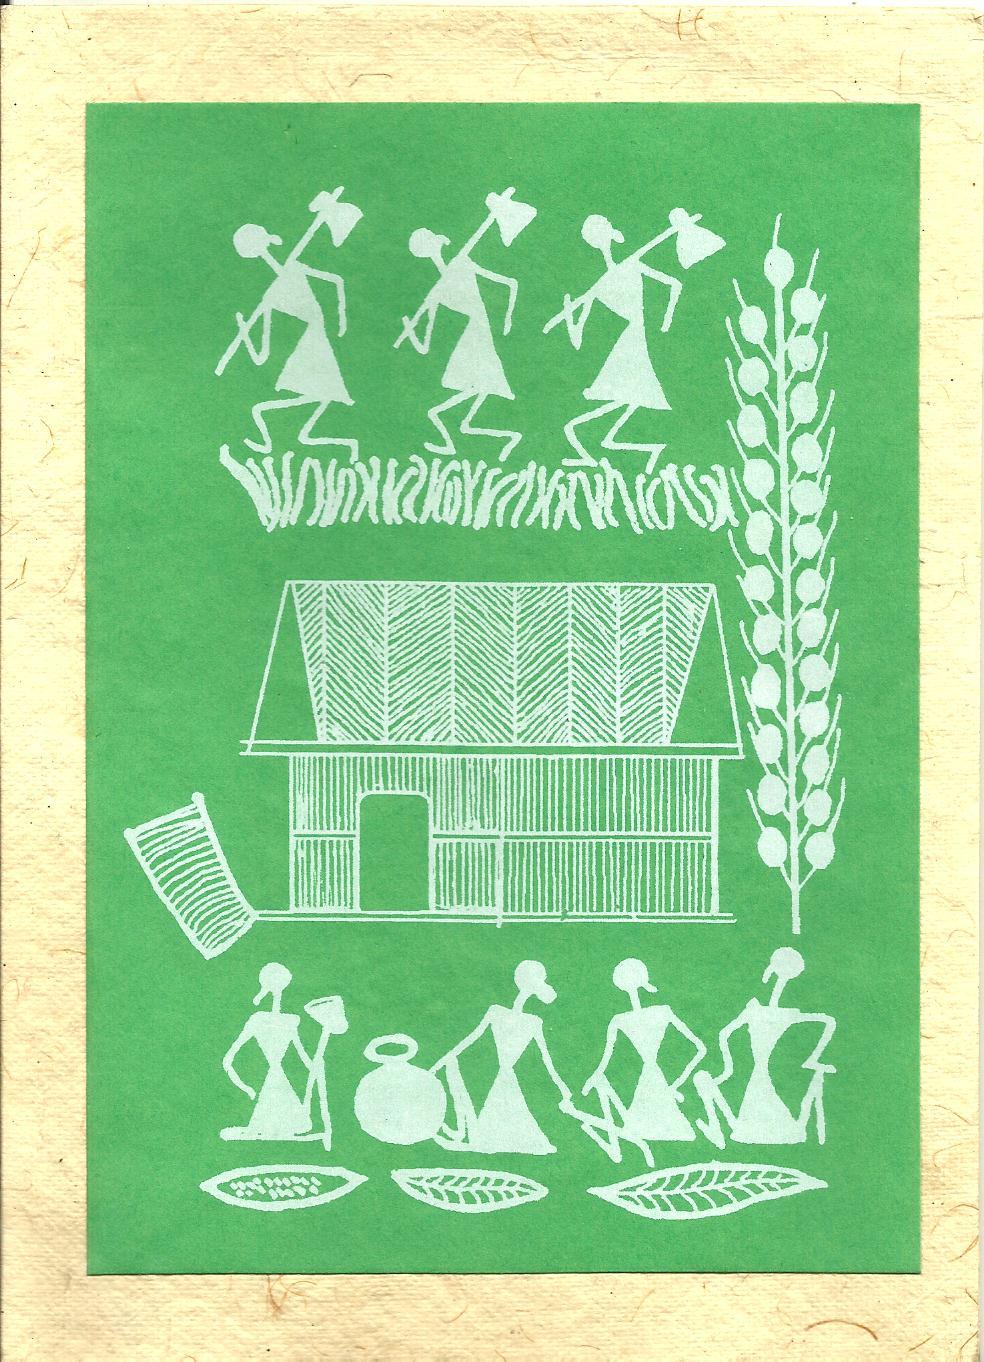 Heritage of india warli paintings greetings cards warli paintings greetings cards kristyandbryce Gallery